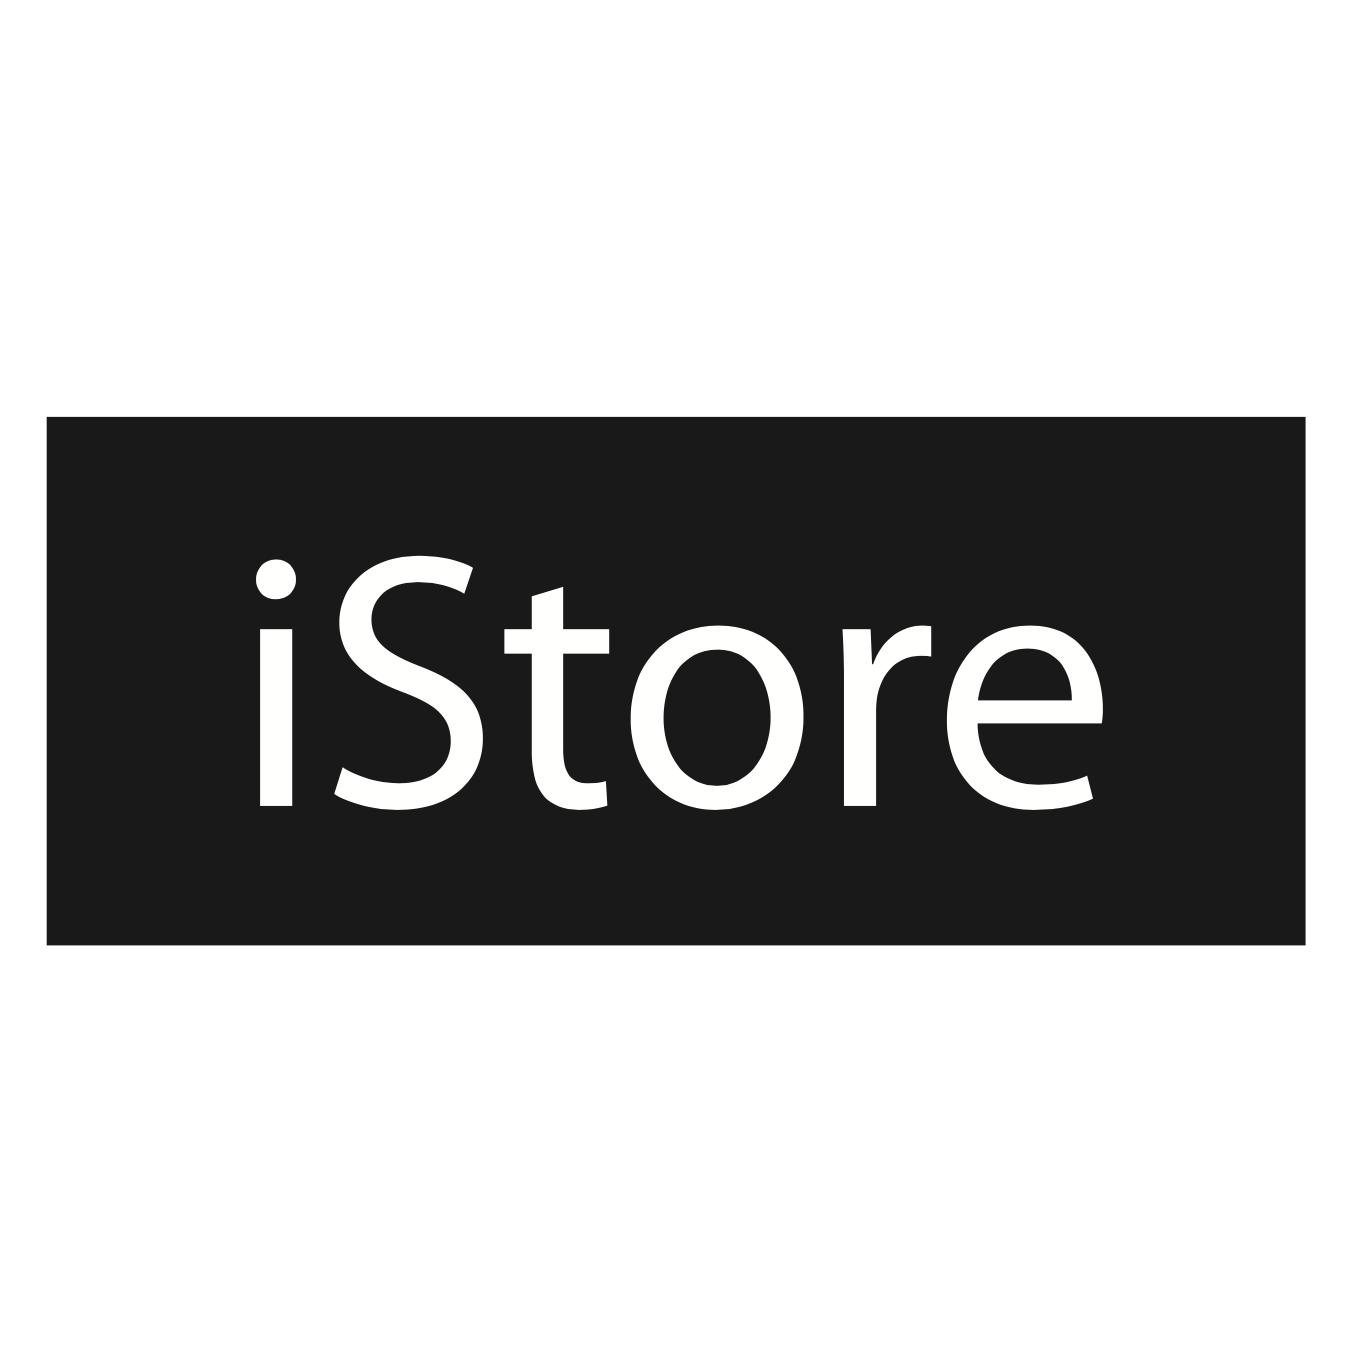 iPhone 12 Pro 512GB - Graphite